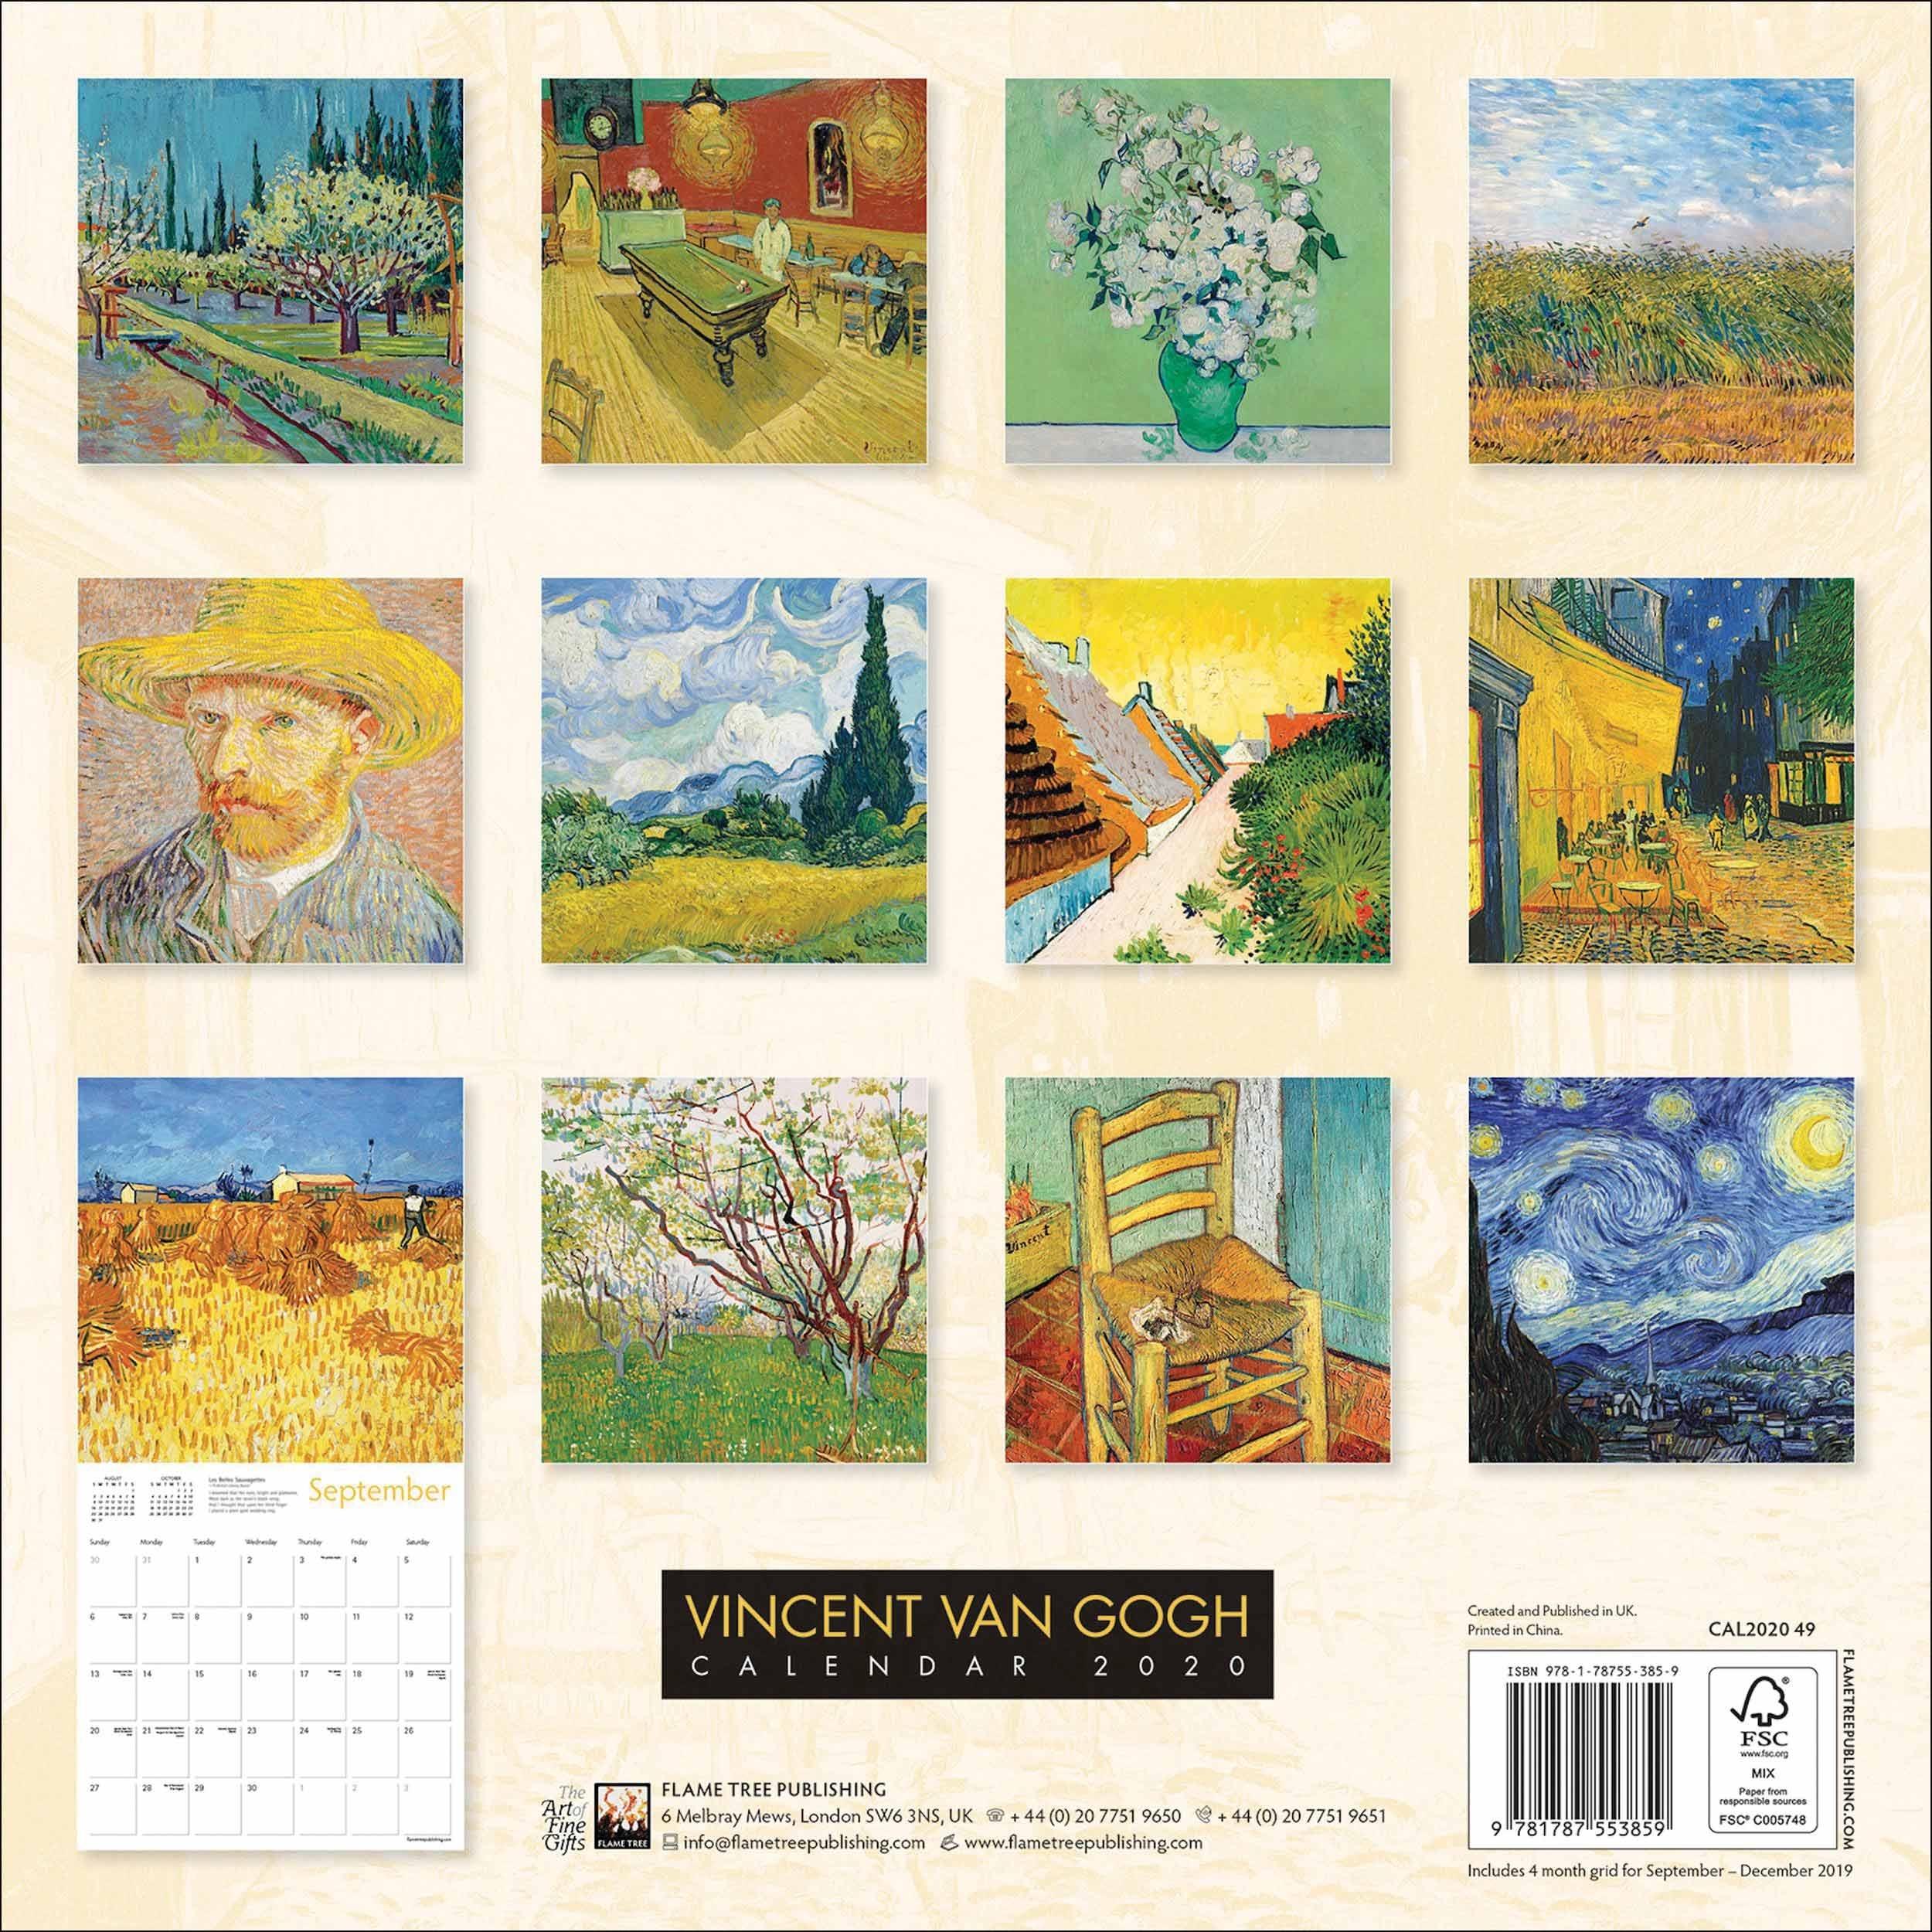 Vincent Van Gogh Calendar 2020 At Calendar Club